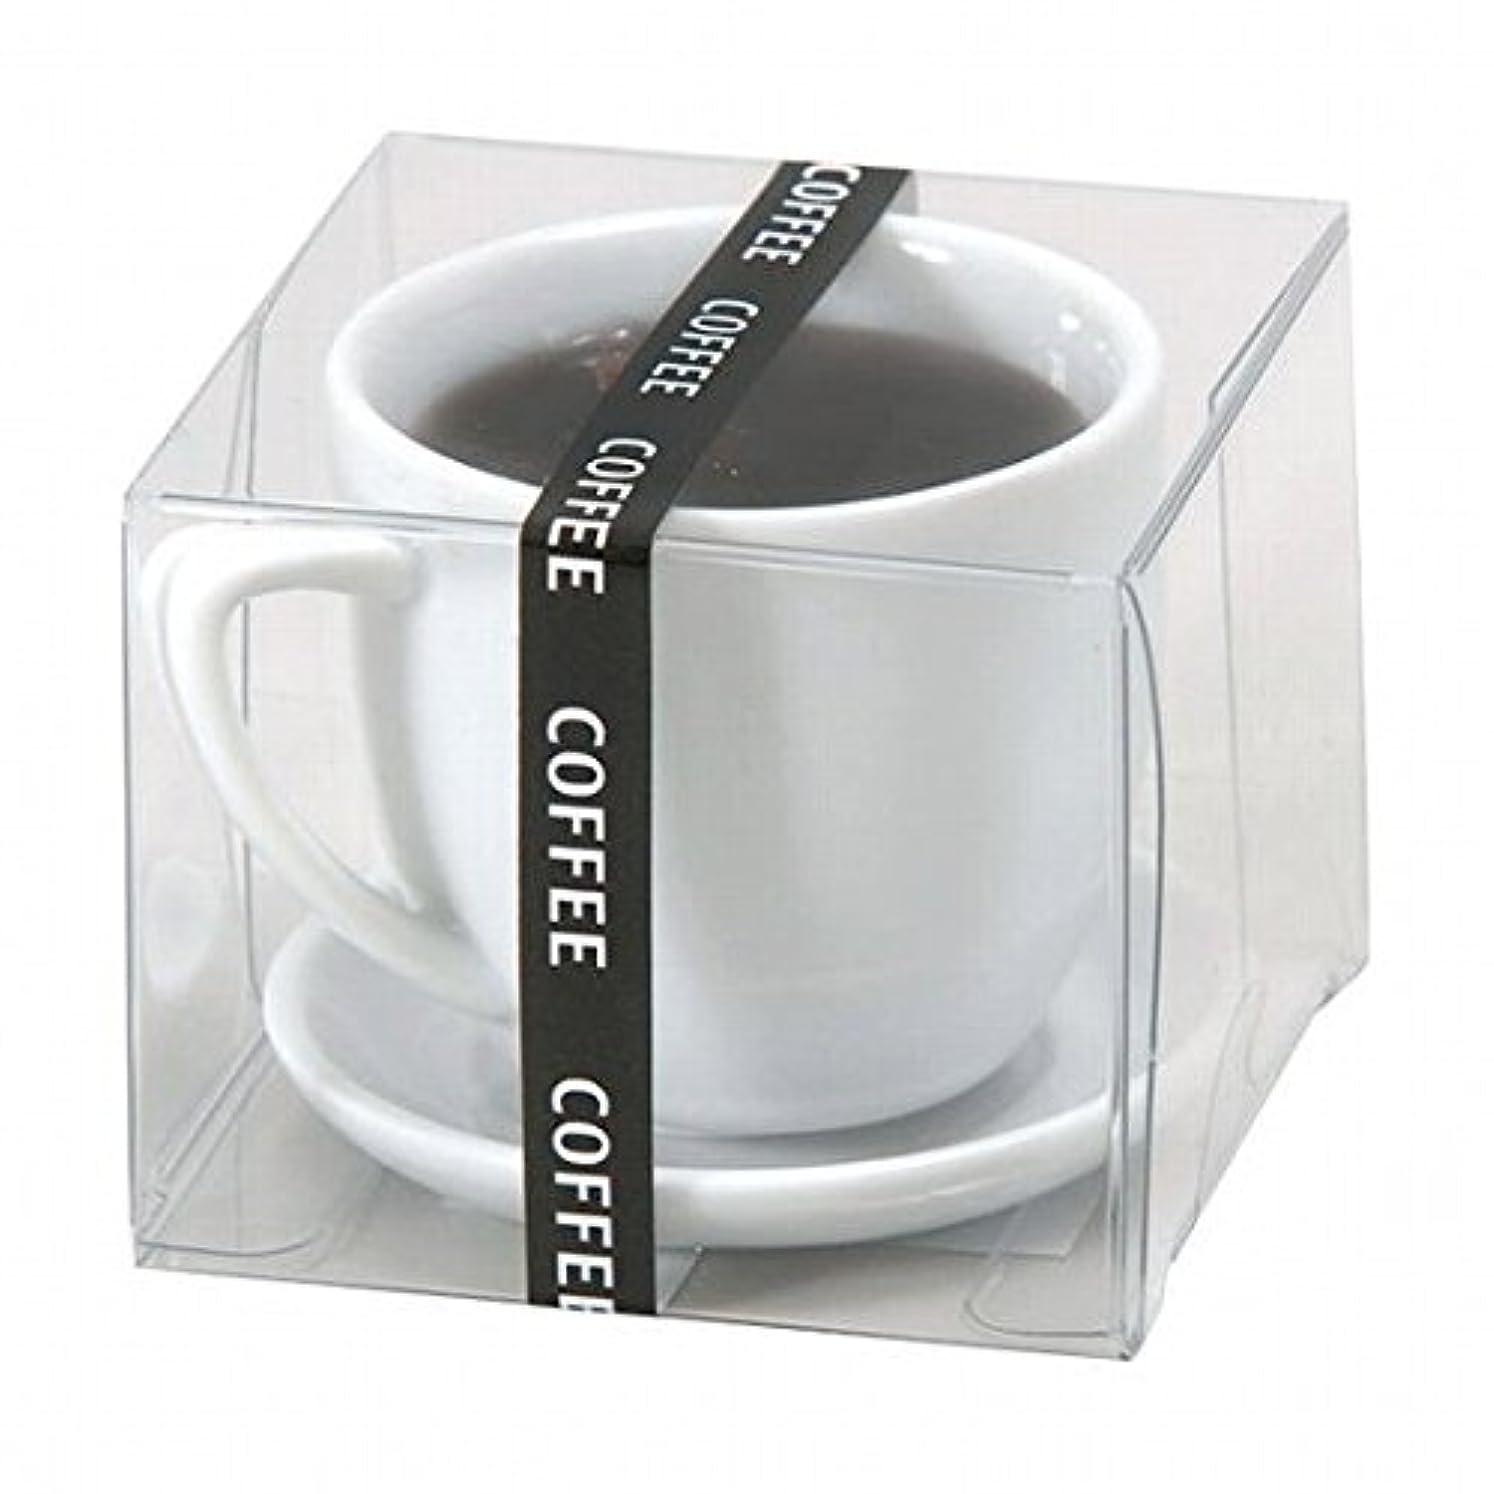 答え強調するエントリkameyama candle(カメヤマキャンドル) ホットコーヒー キャンドル(55890000)